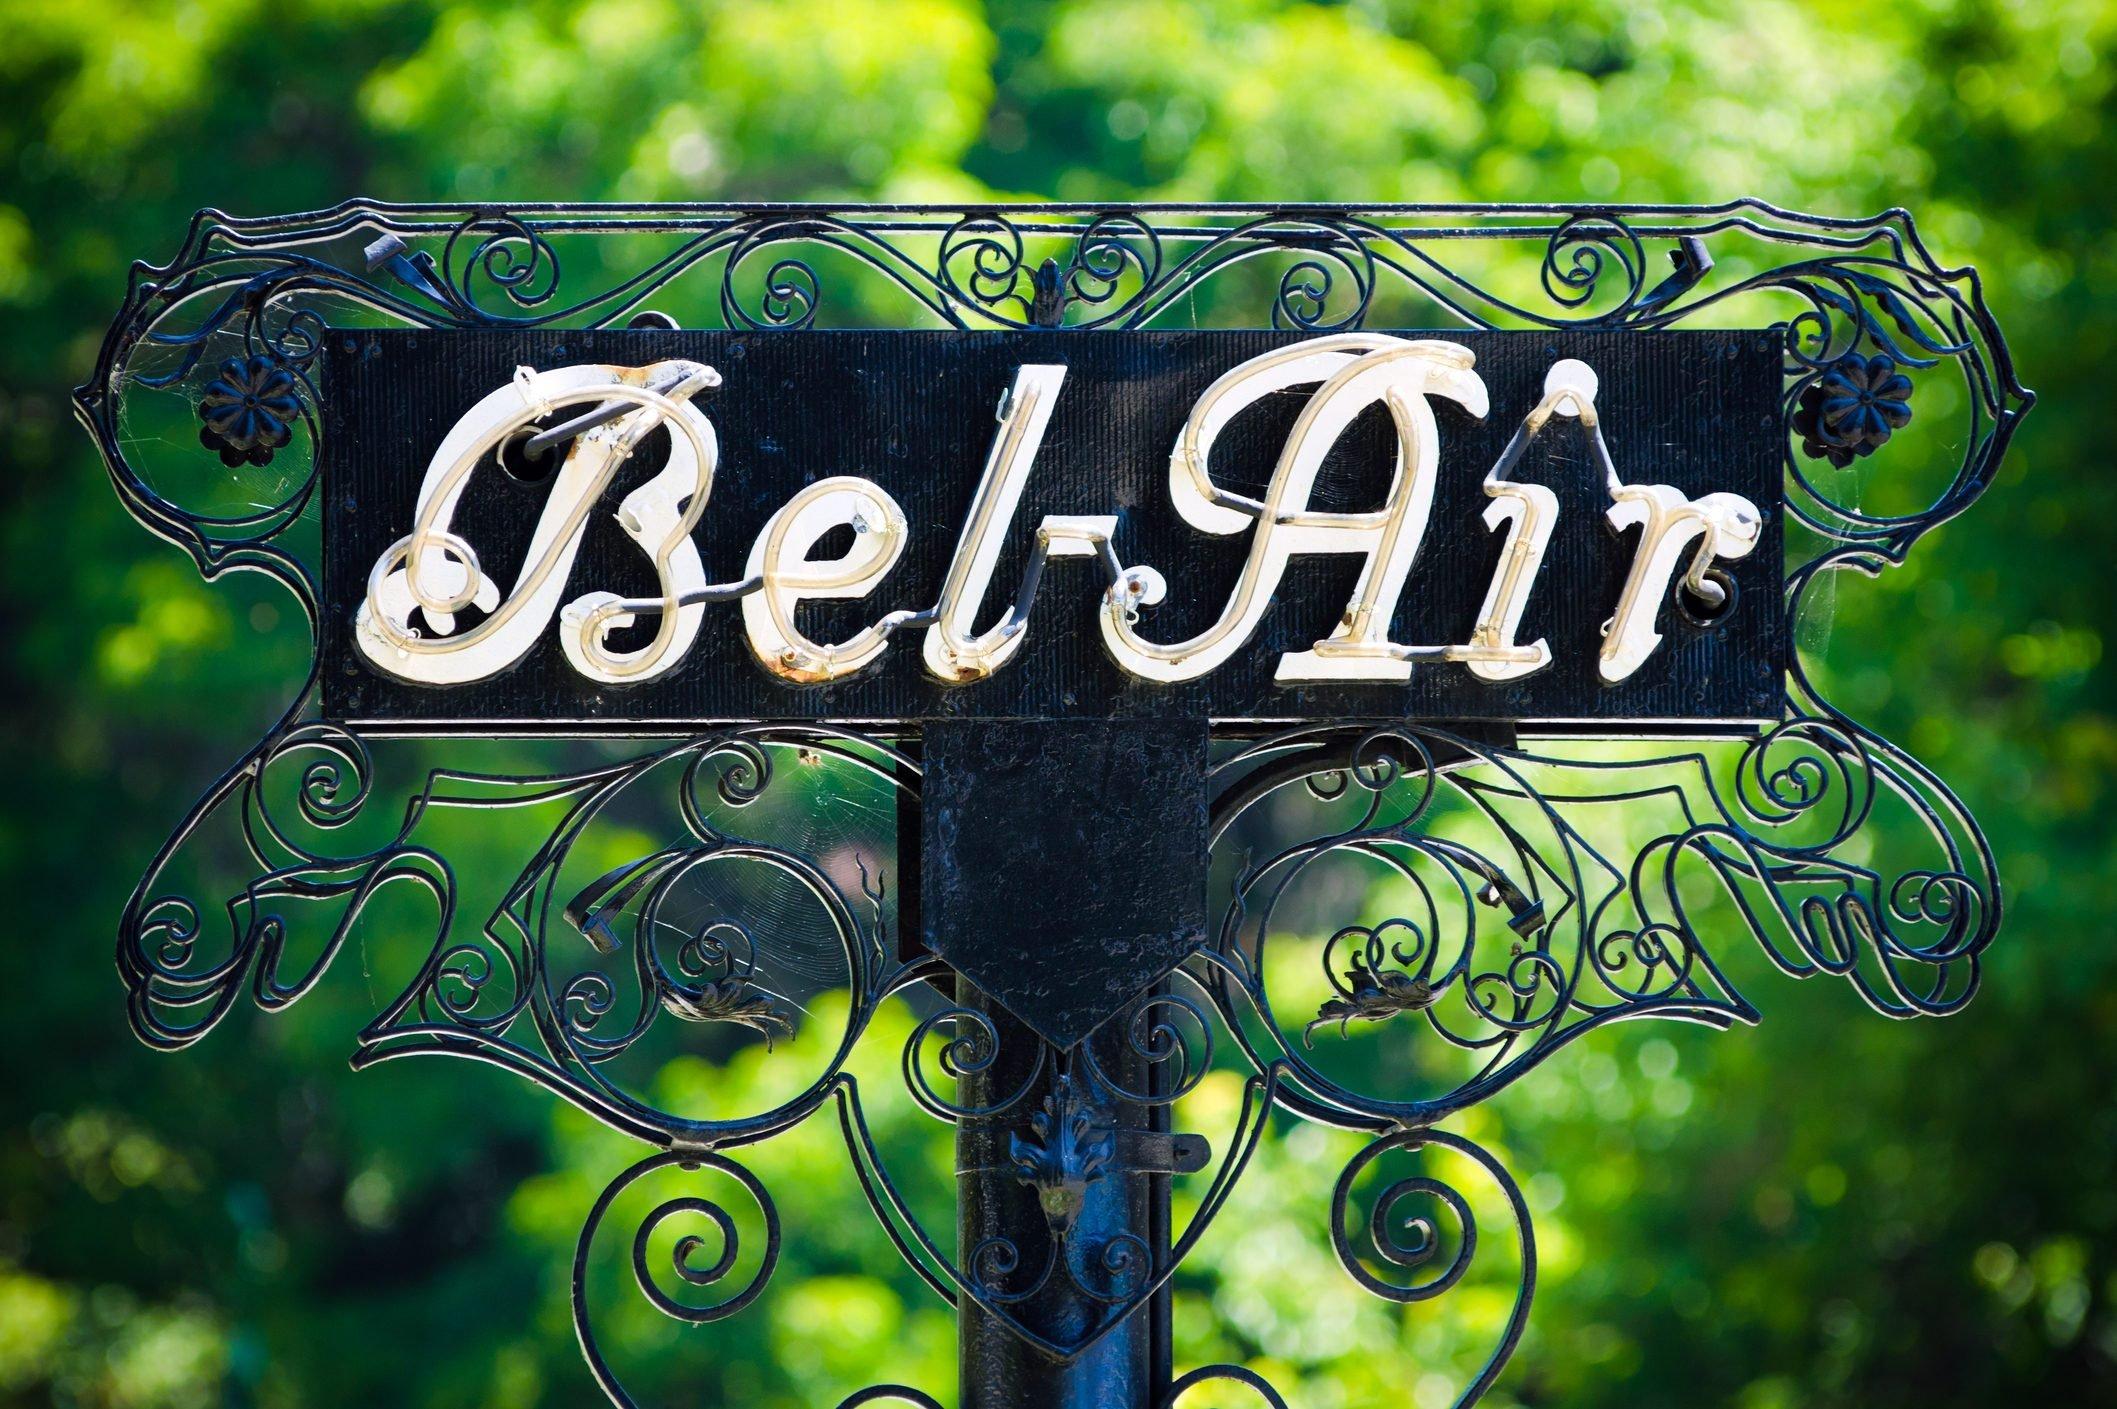 Bel-Air sign in Los Angeles, CA